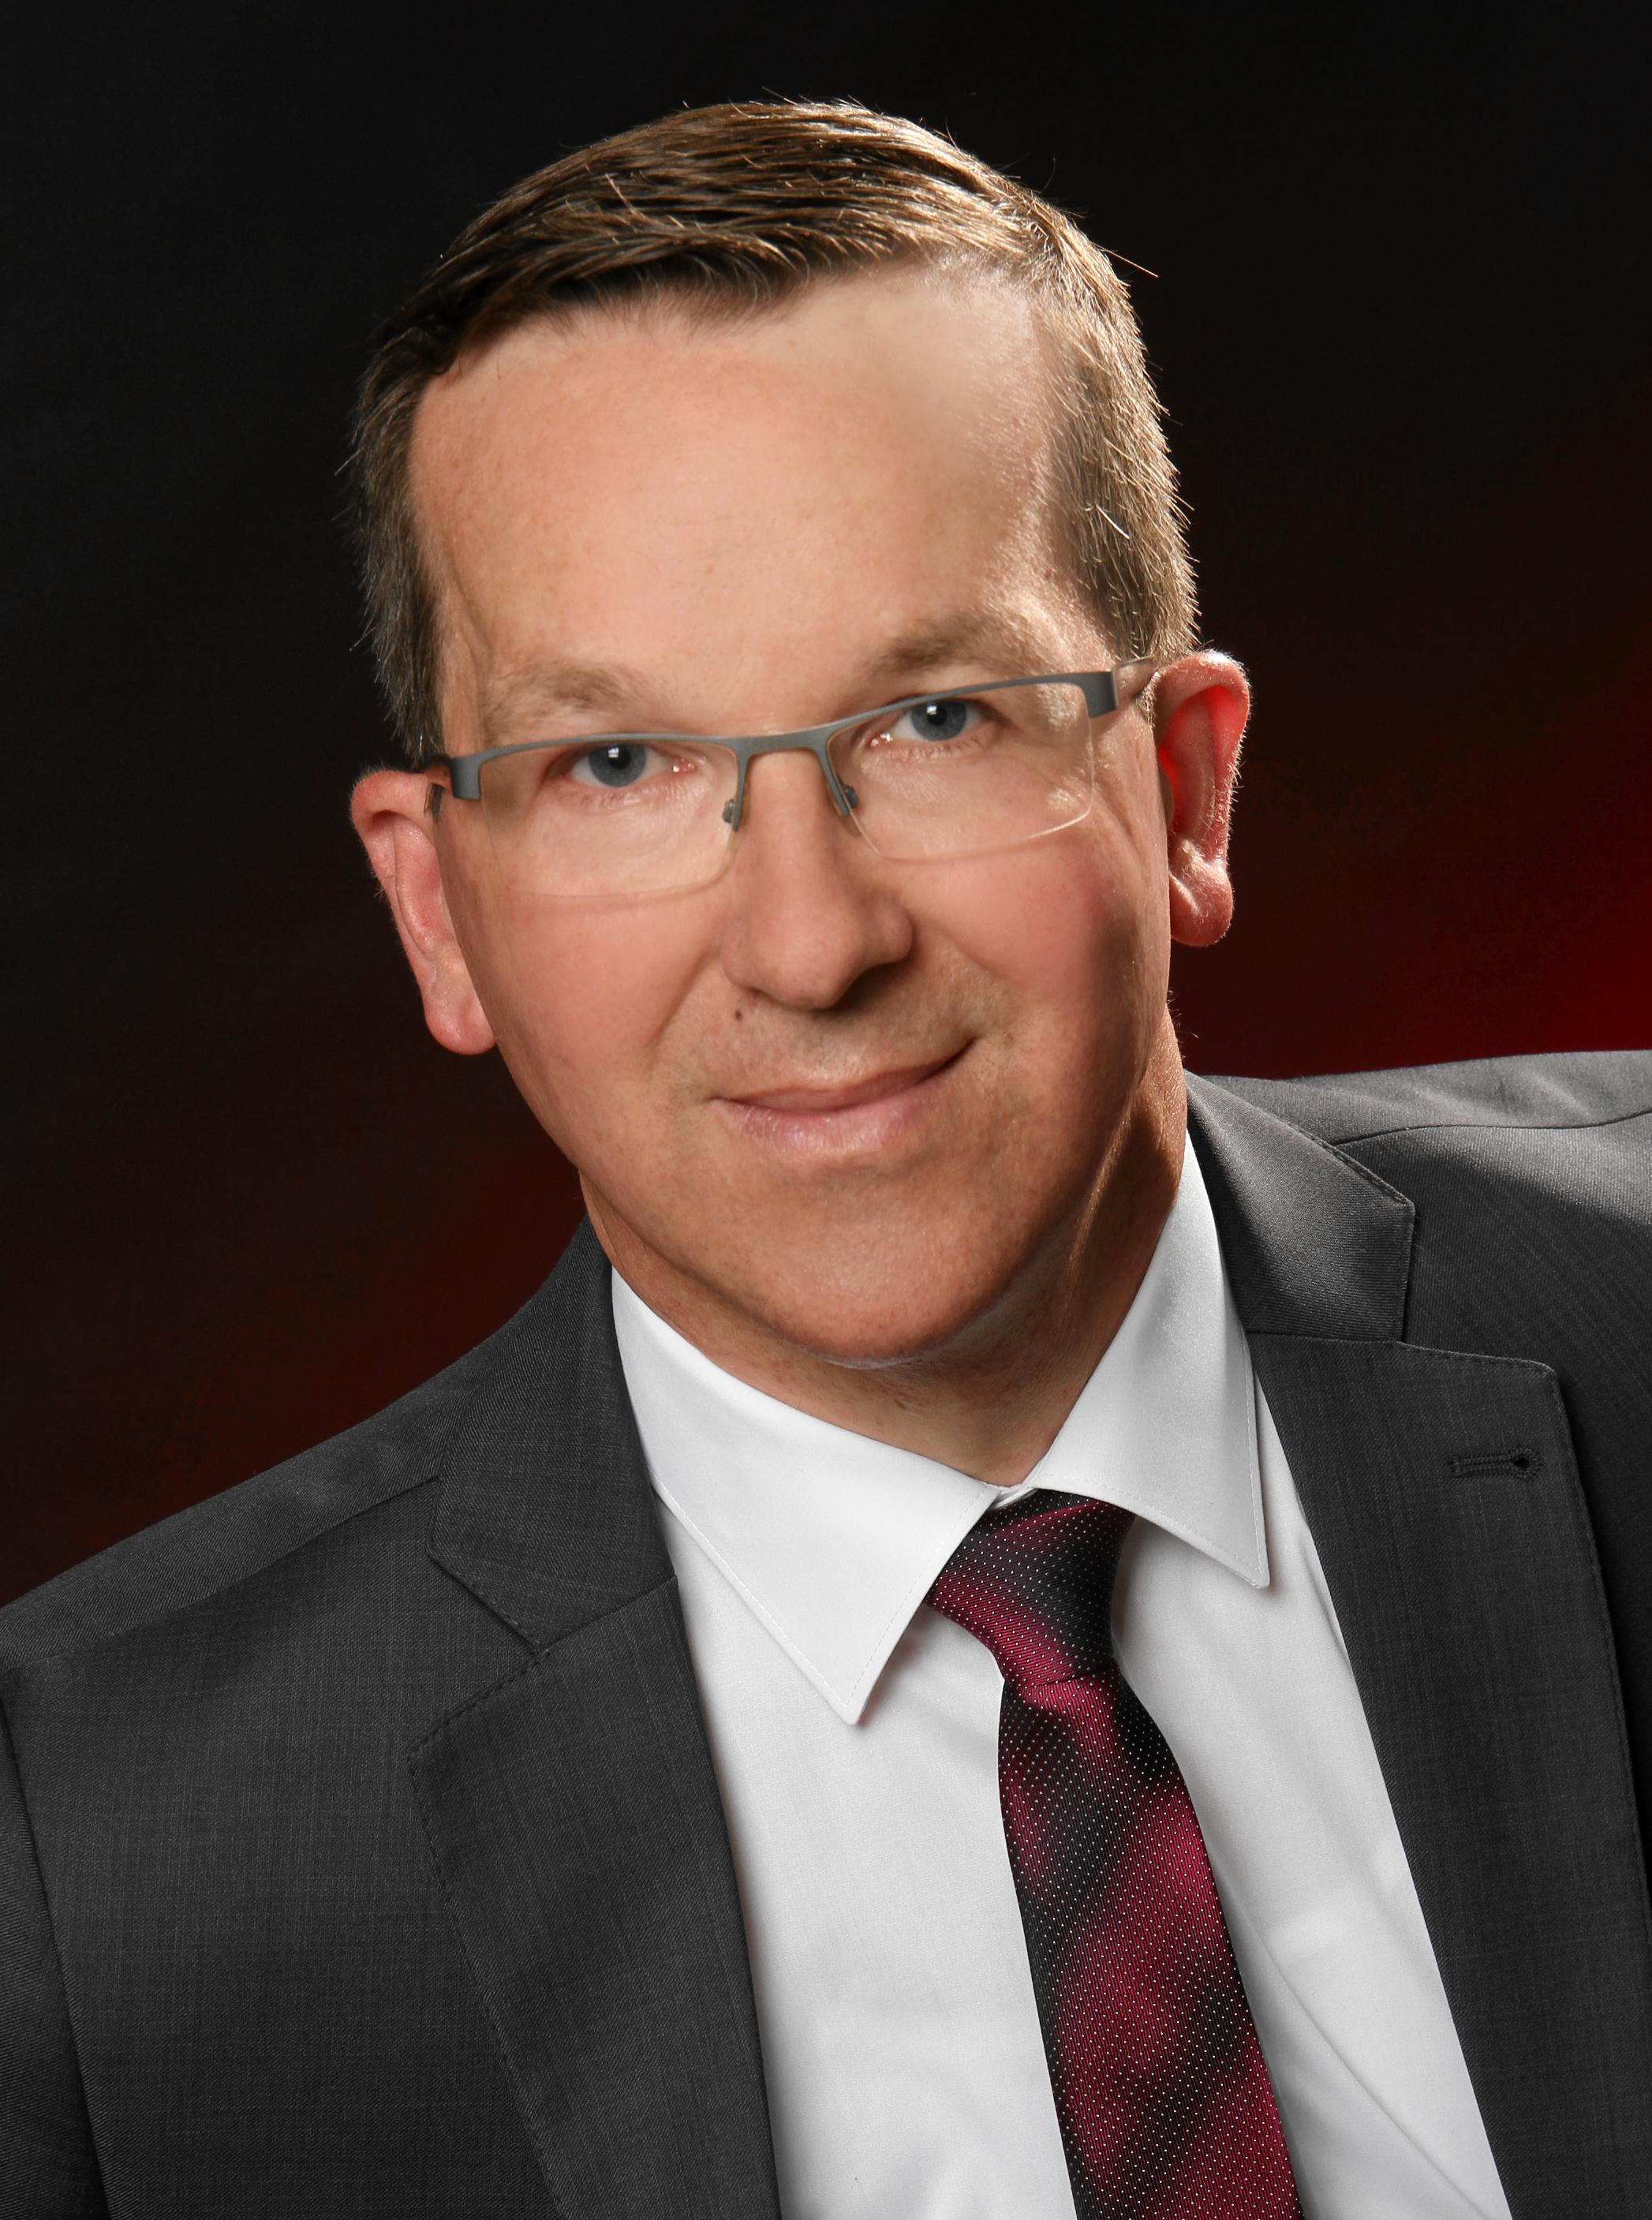 Frank Emrich wird zum 01.02.2018 neuer Verbandsdirektor des vtw